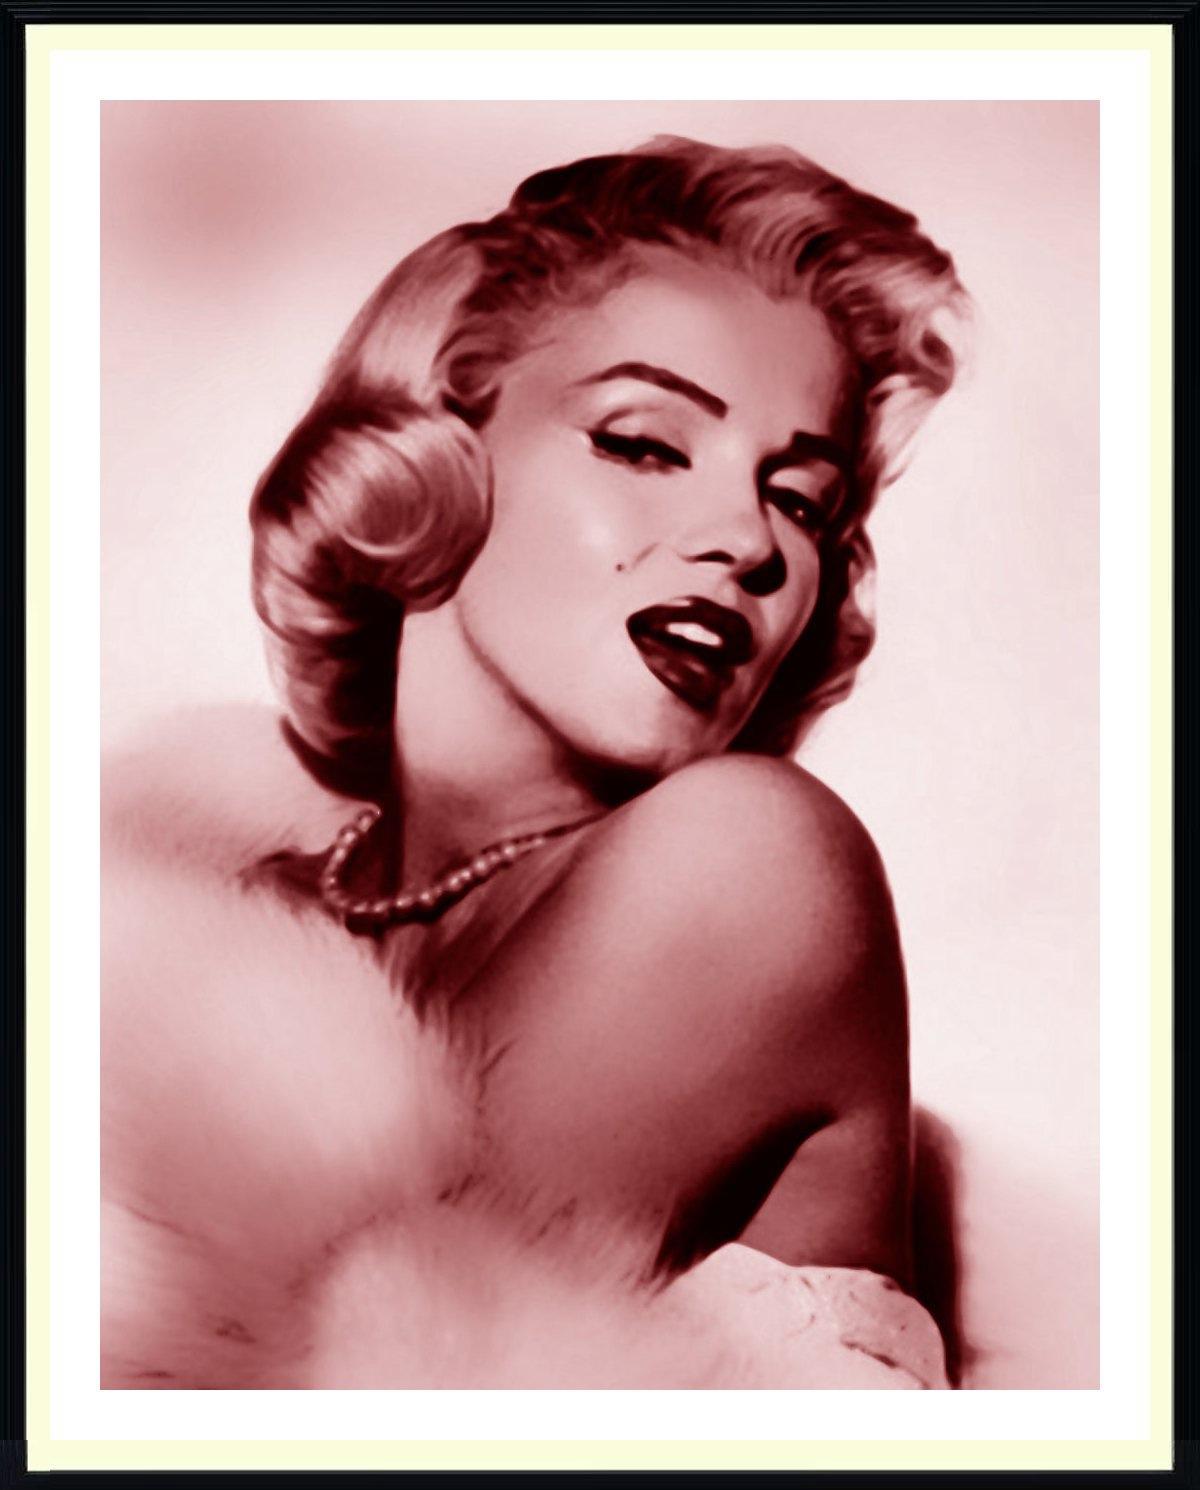 """Предпросмотр схемы вышивки  """"Мерелин монро """".  Мерелин монро, фото, картина, кино, актриса, певица мерелин монро."""